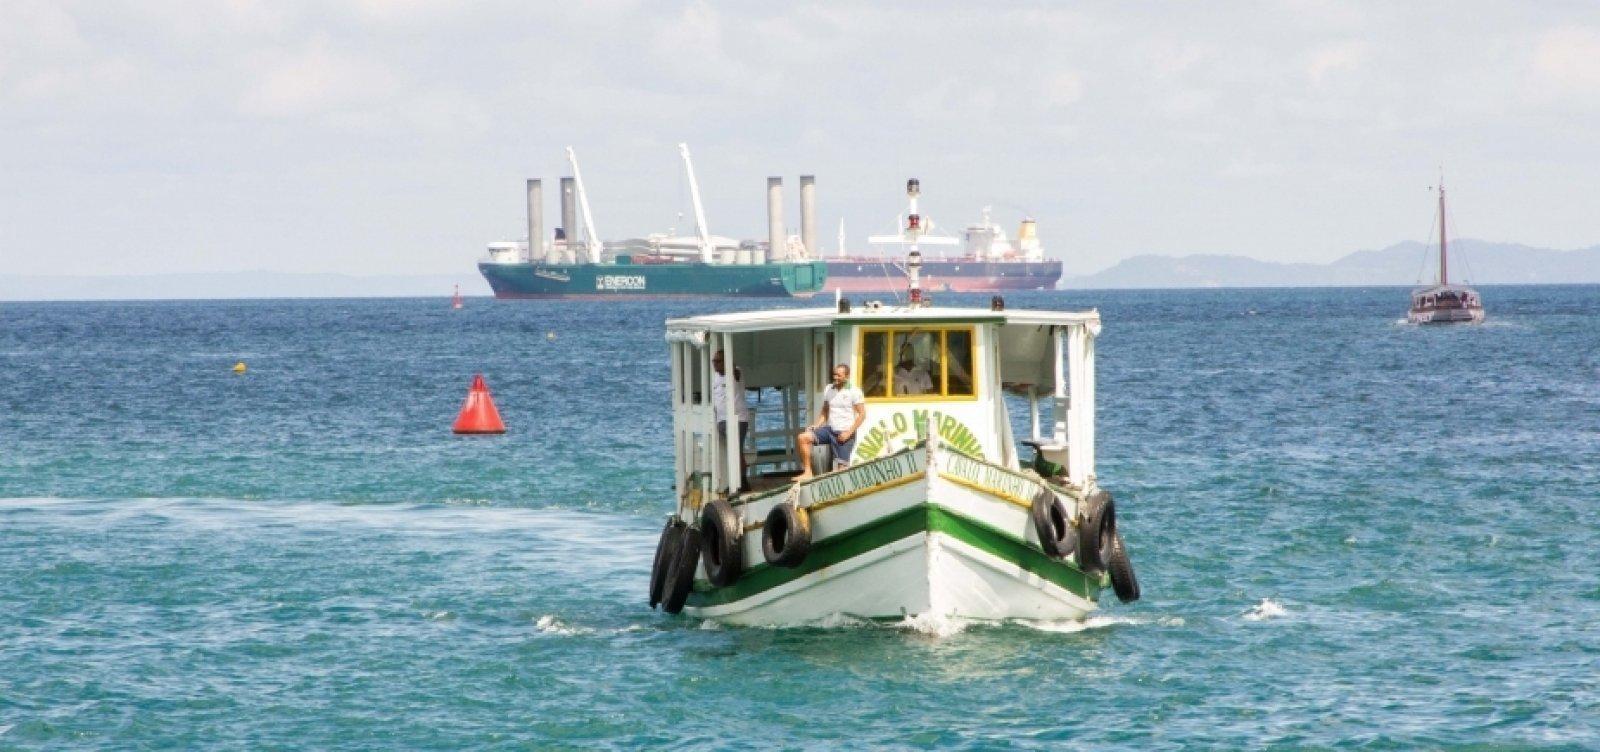 Travessia Salvador-Mar Grande é retomada após ficar suspensa devido ao mau tempo